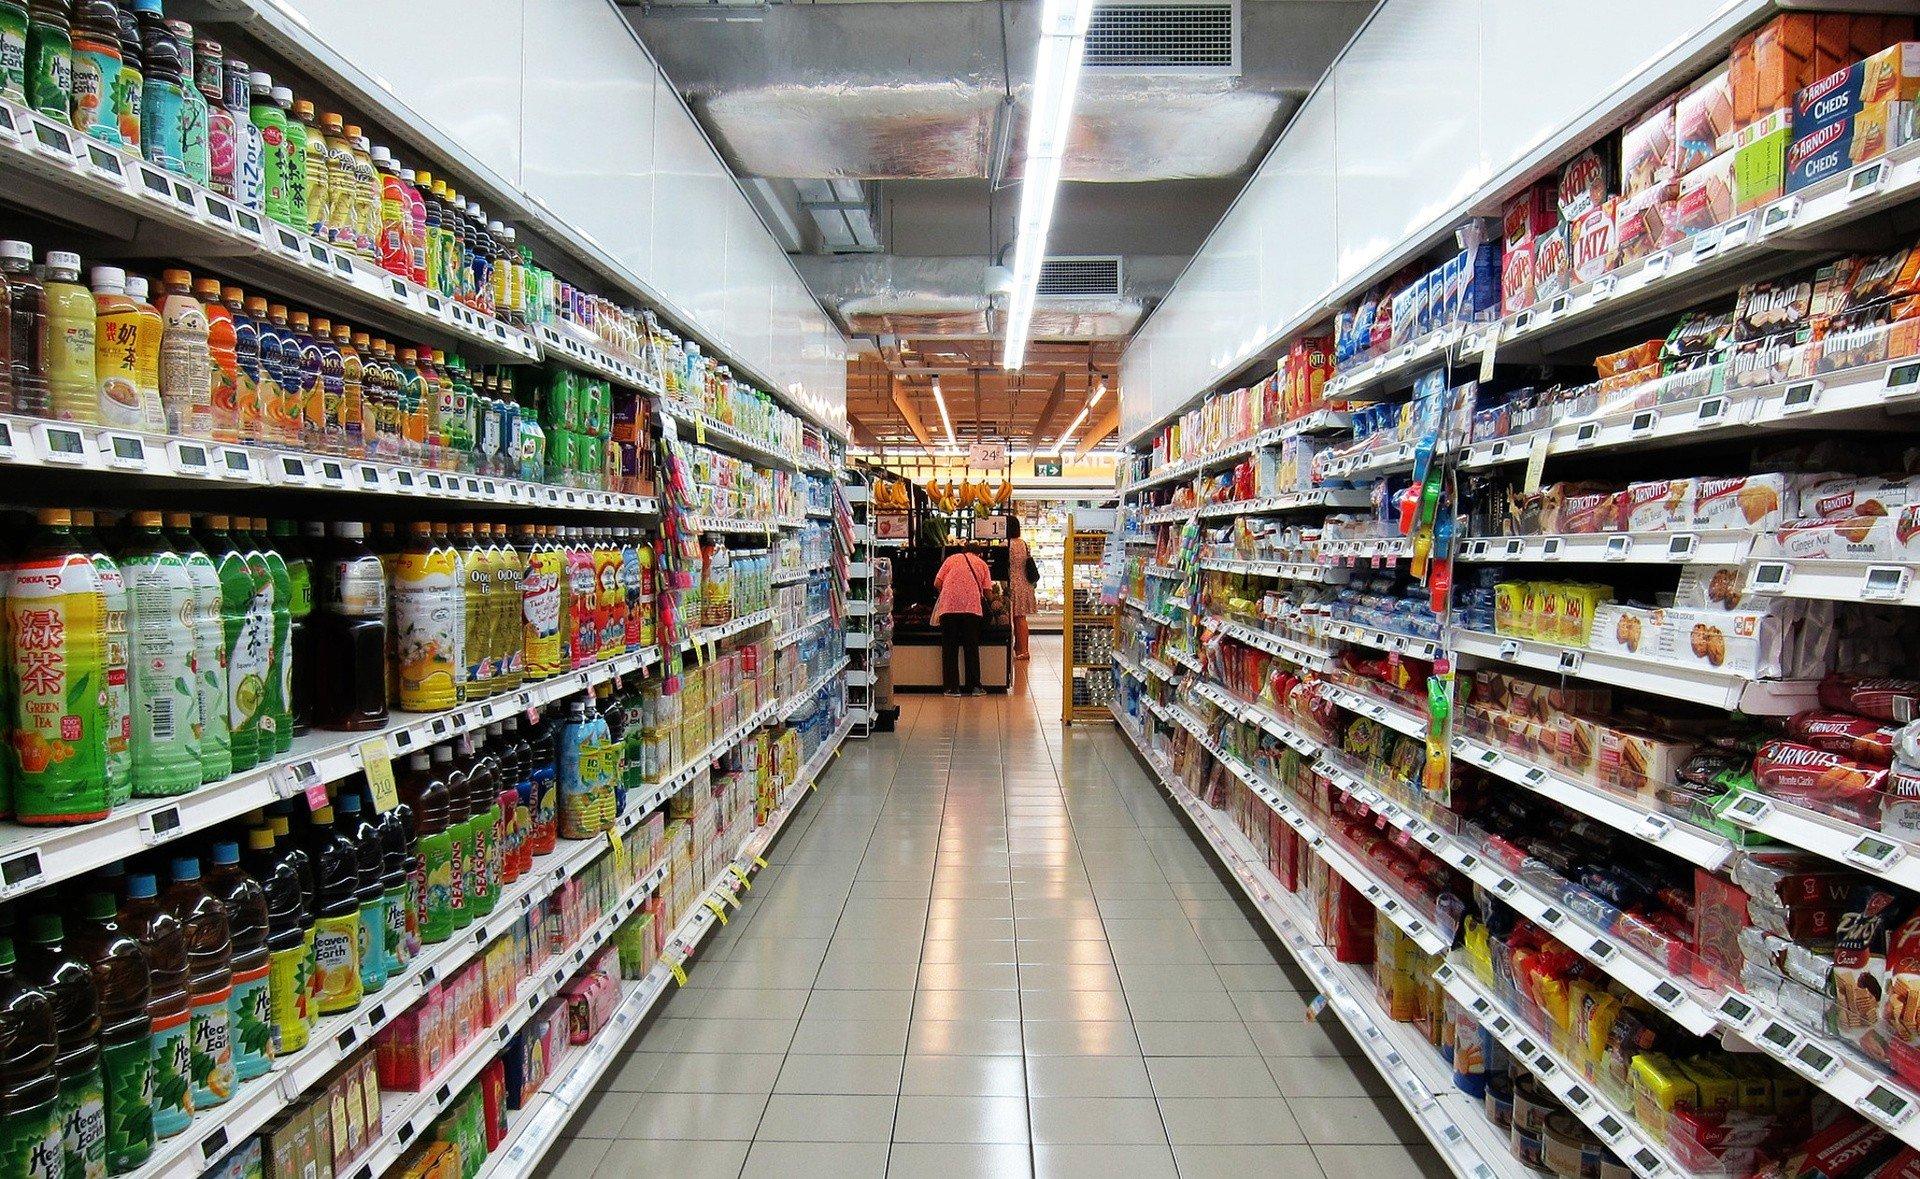 Niedziele handlowe - kwiecień 2020 r. Sklepy będą otwarte w ostatnią niedzielę kwietnia [23.04] | Express Bydgoski